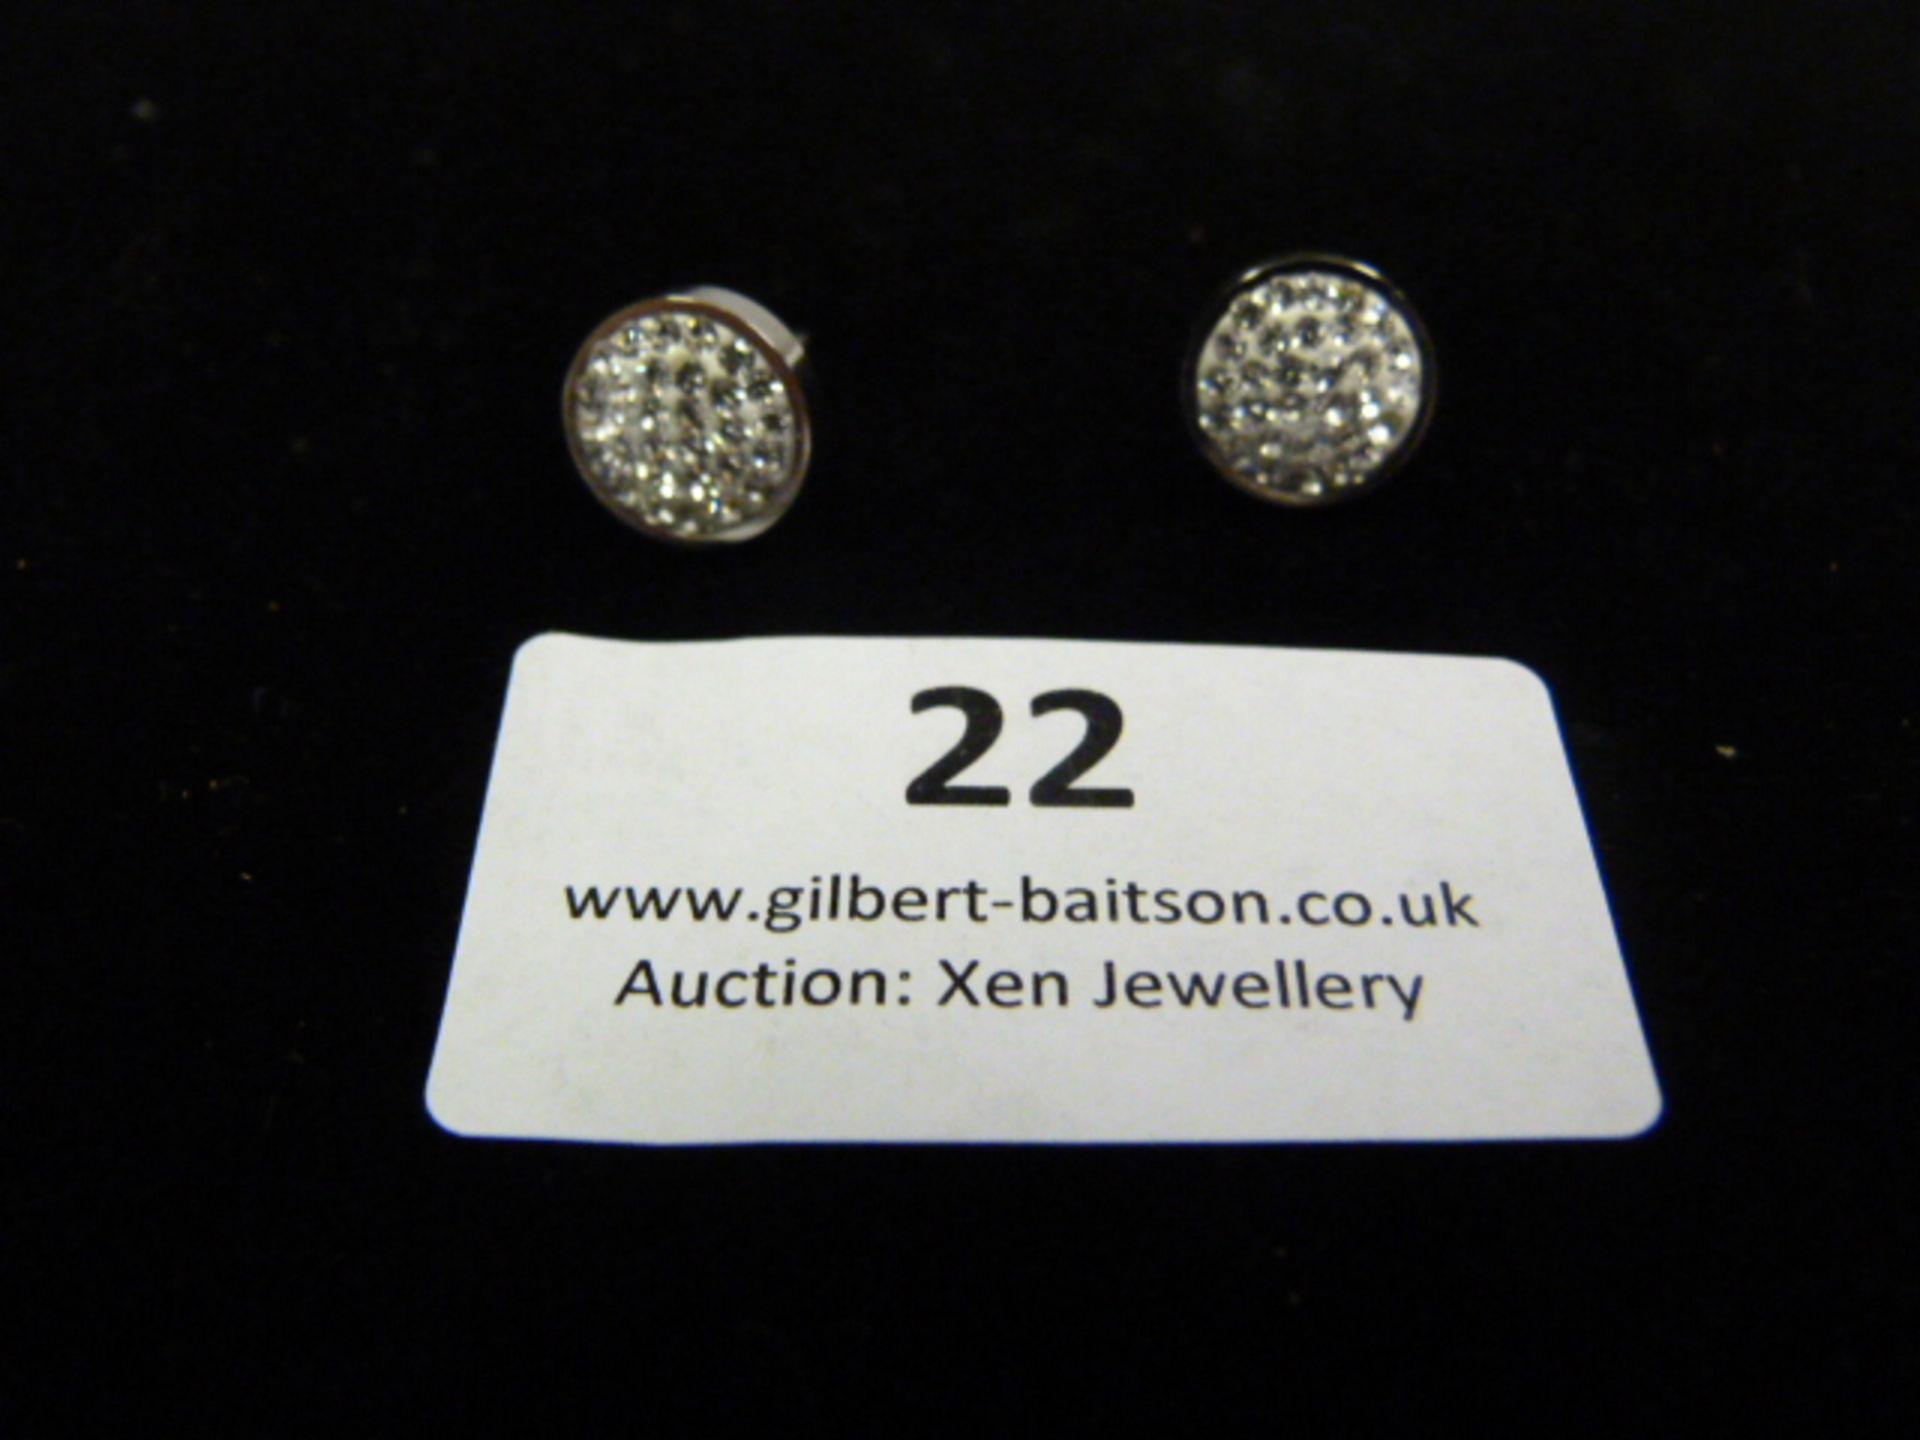 Lot 22 - *Pair of Coeur de Lion Round CZ Earrings